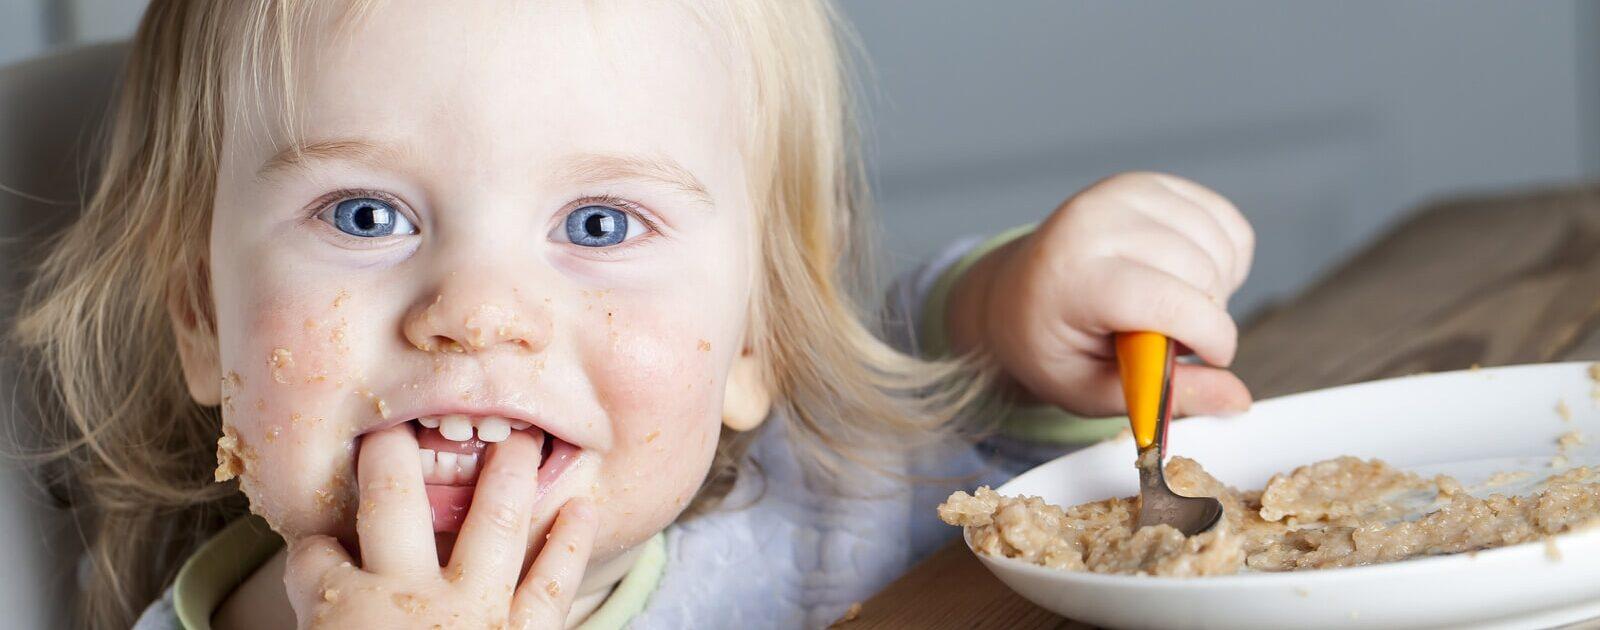 Ein Mädchen genießt ihr Essen mit allen fünf Sinnen.